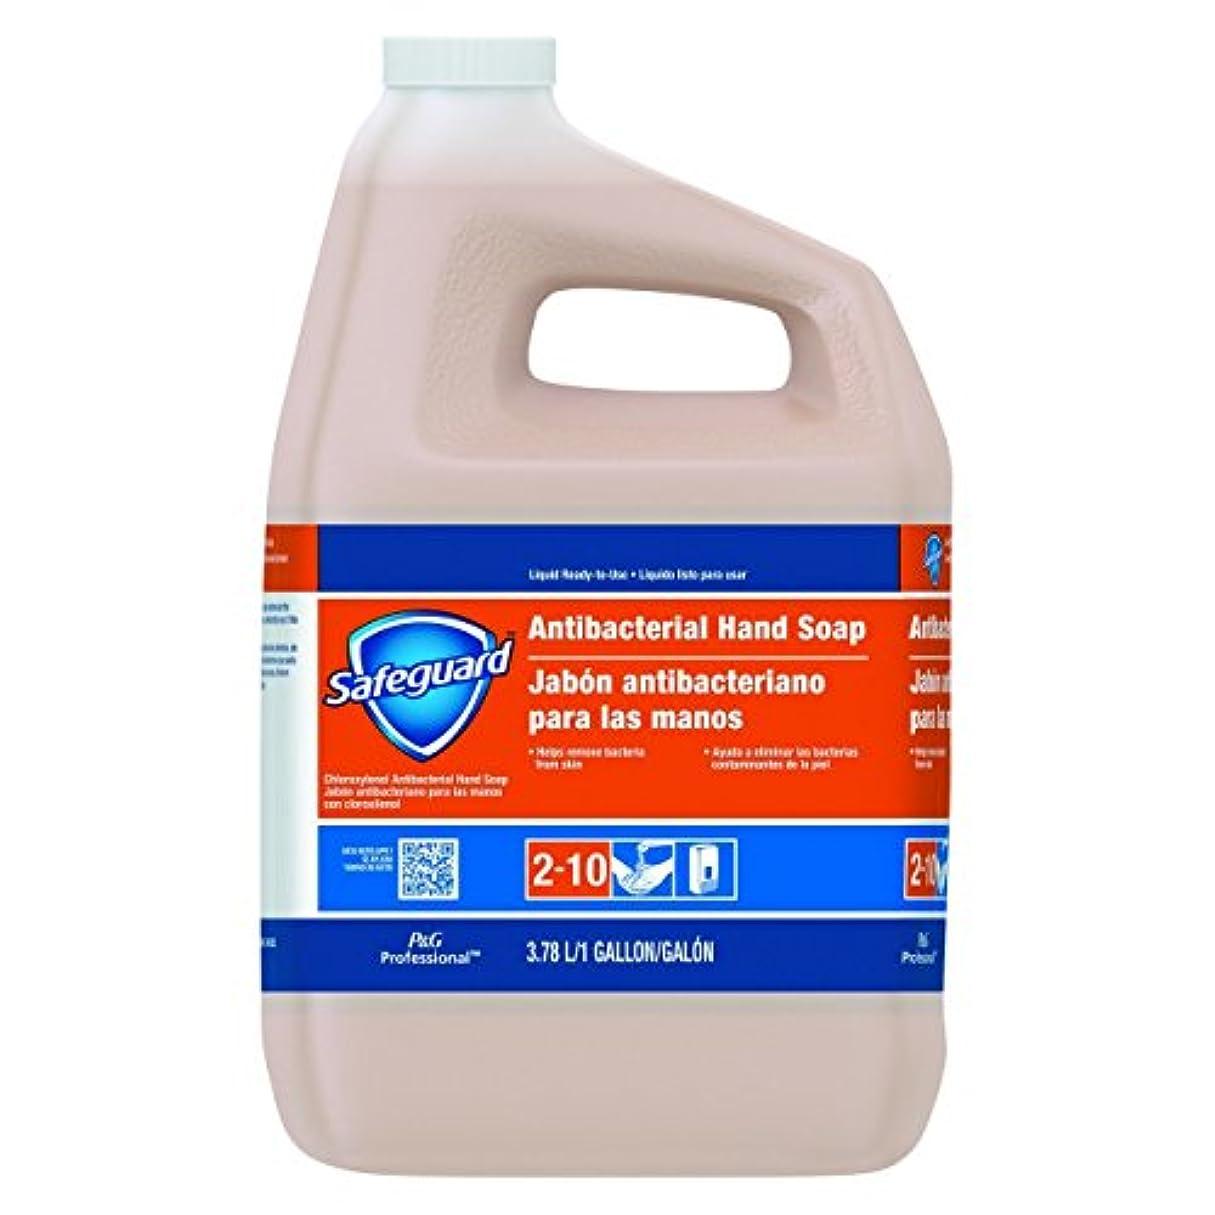 偽装する定義する電気技師Safeguard抗菌Liquid Hand Soap , 1 galボトル、2 /カートン